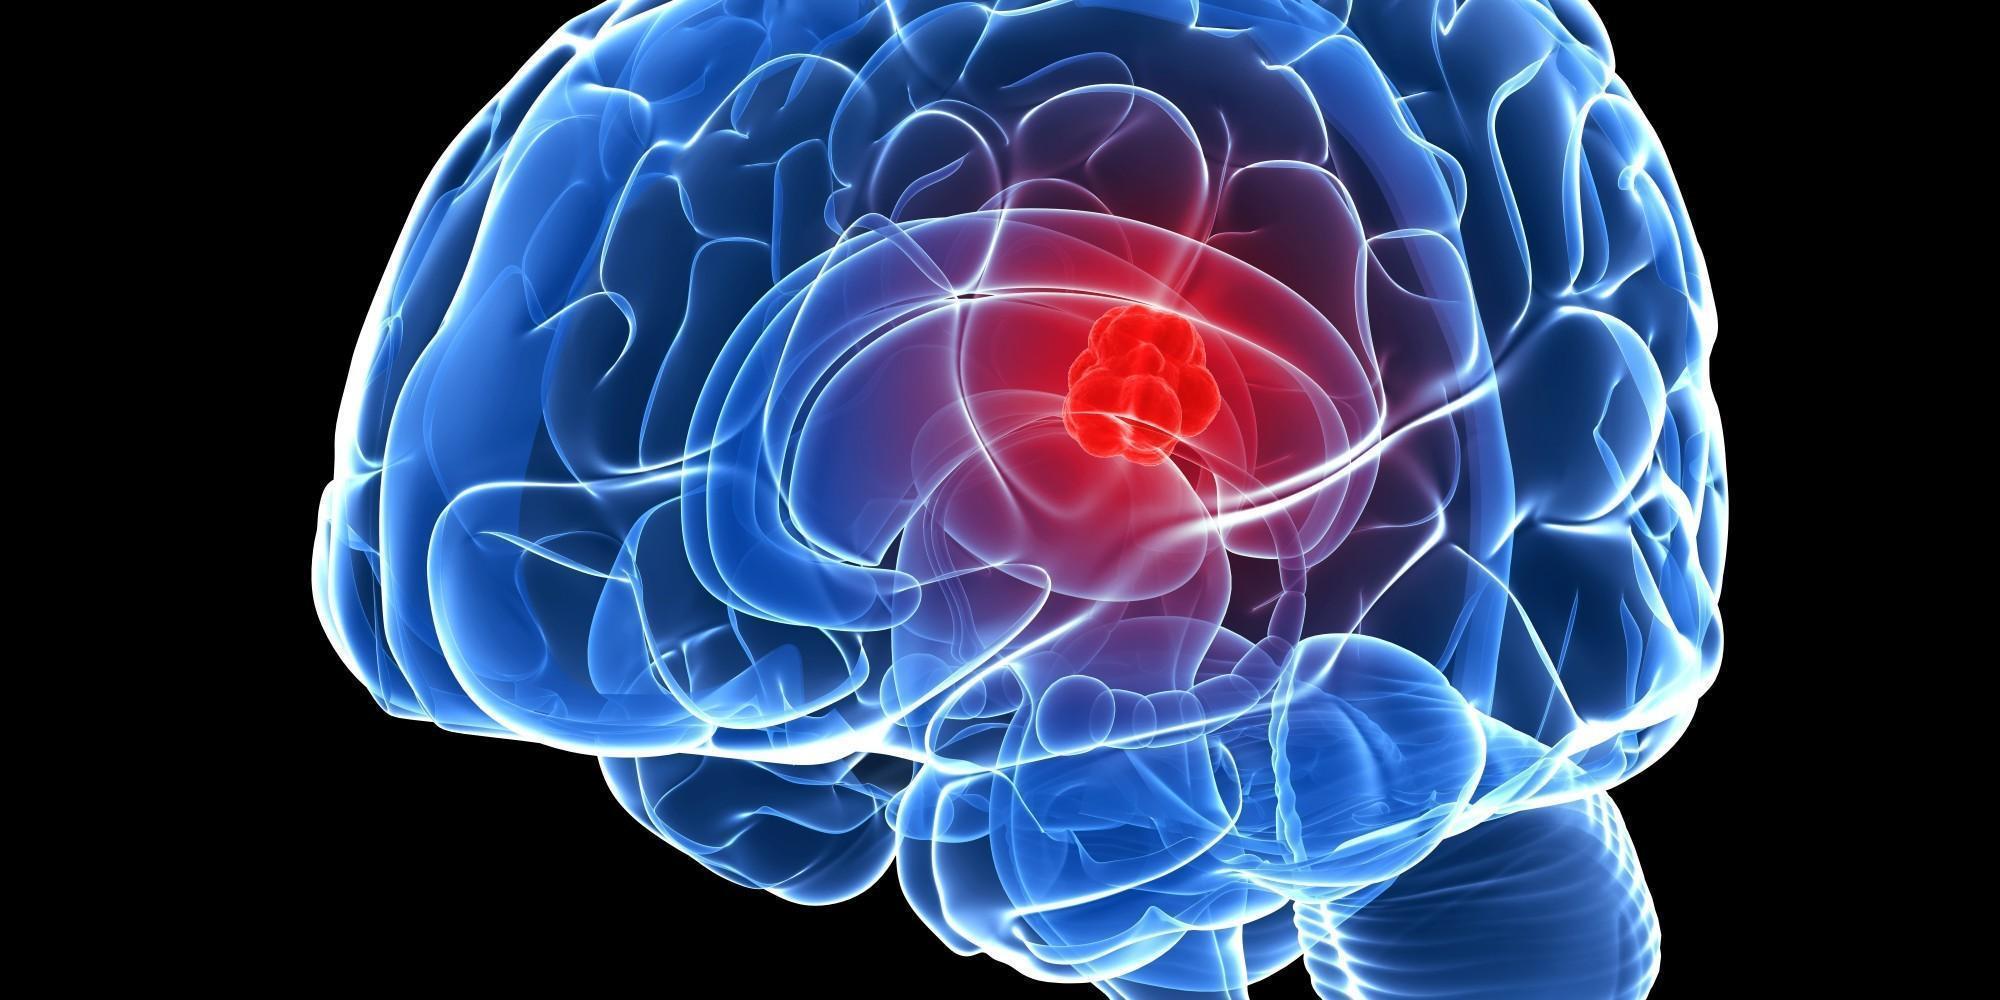 Câncer Cerebral: O que é, Sintomas e Tratamento